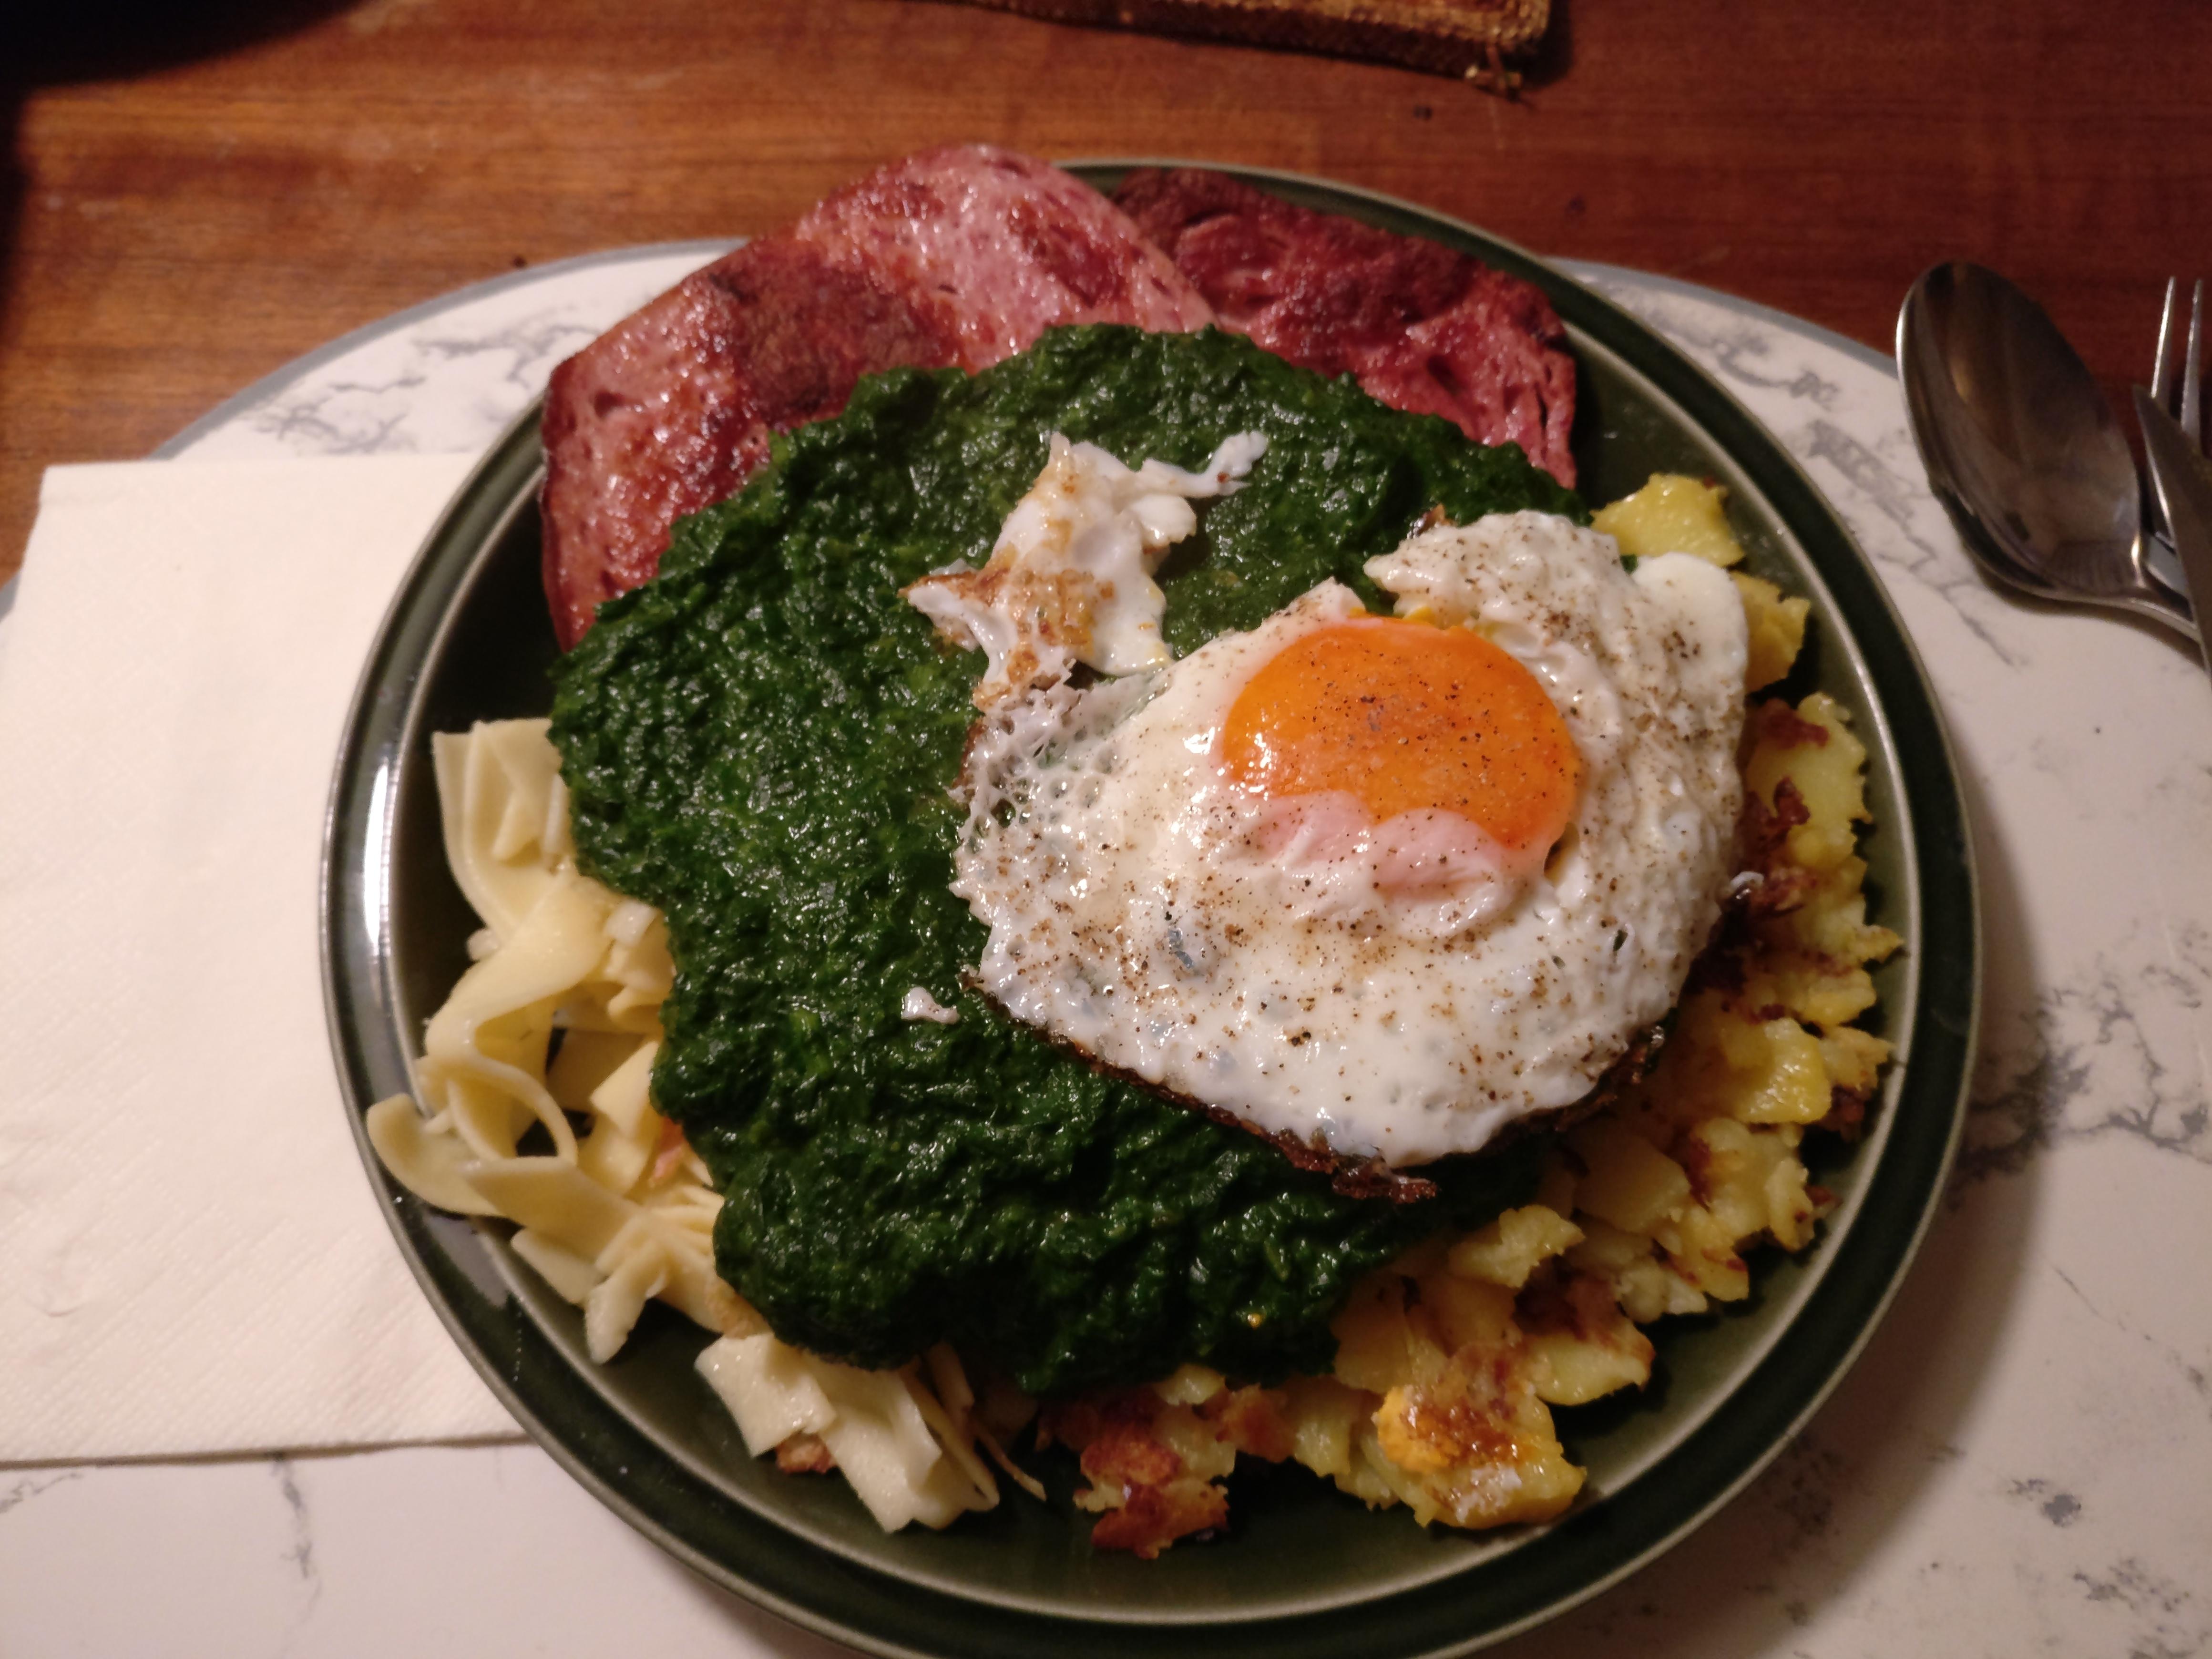 http://foodloader.net/nico_2017-04-05_fleischkaese-spinat-nudeln-bratkartoffeln-spiegelei.jpg